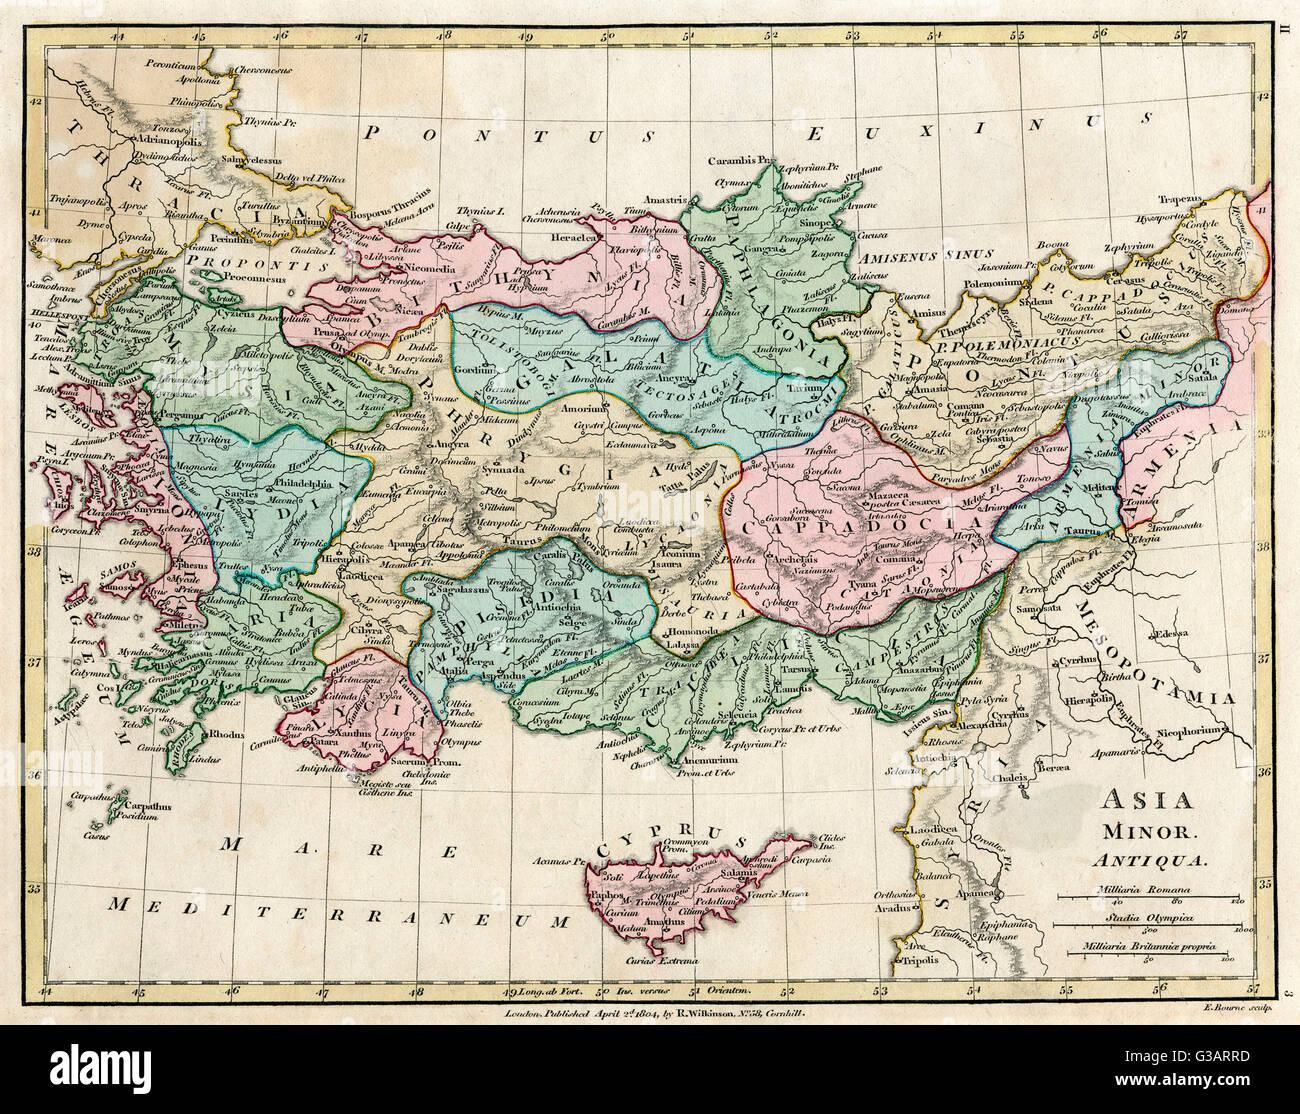 Site de l'Asie Mineure (Turquie) - dans l'antiquité - l'Empire Ottoman. Date: 1804 Photo Stock